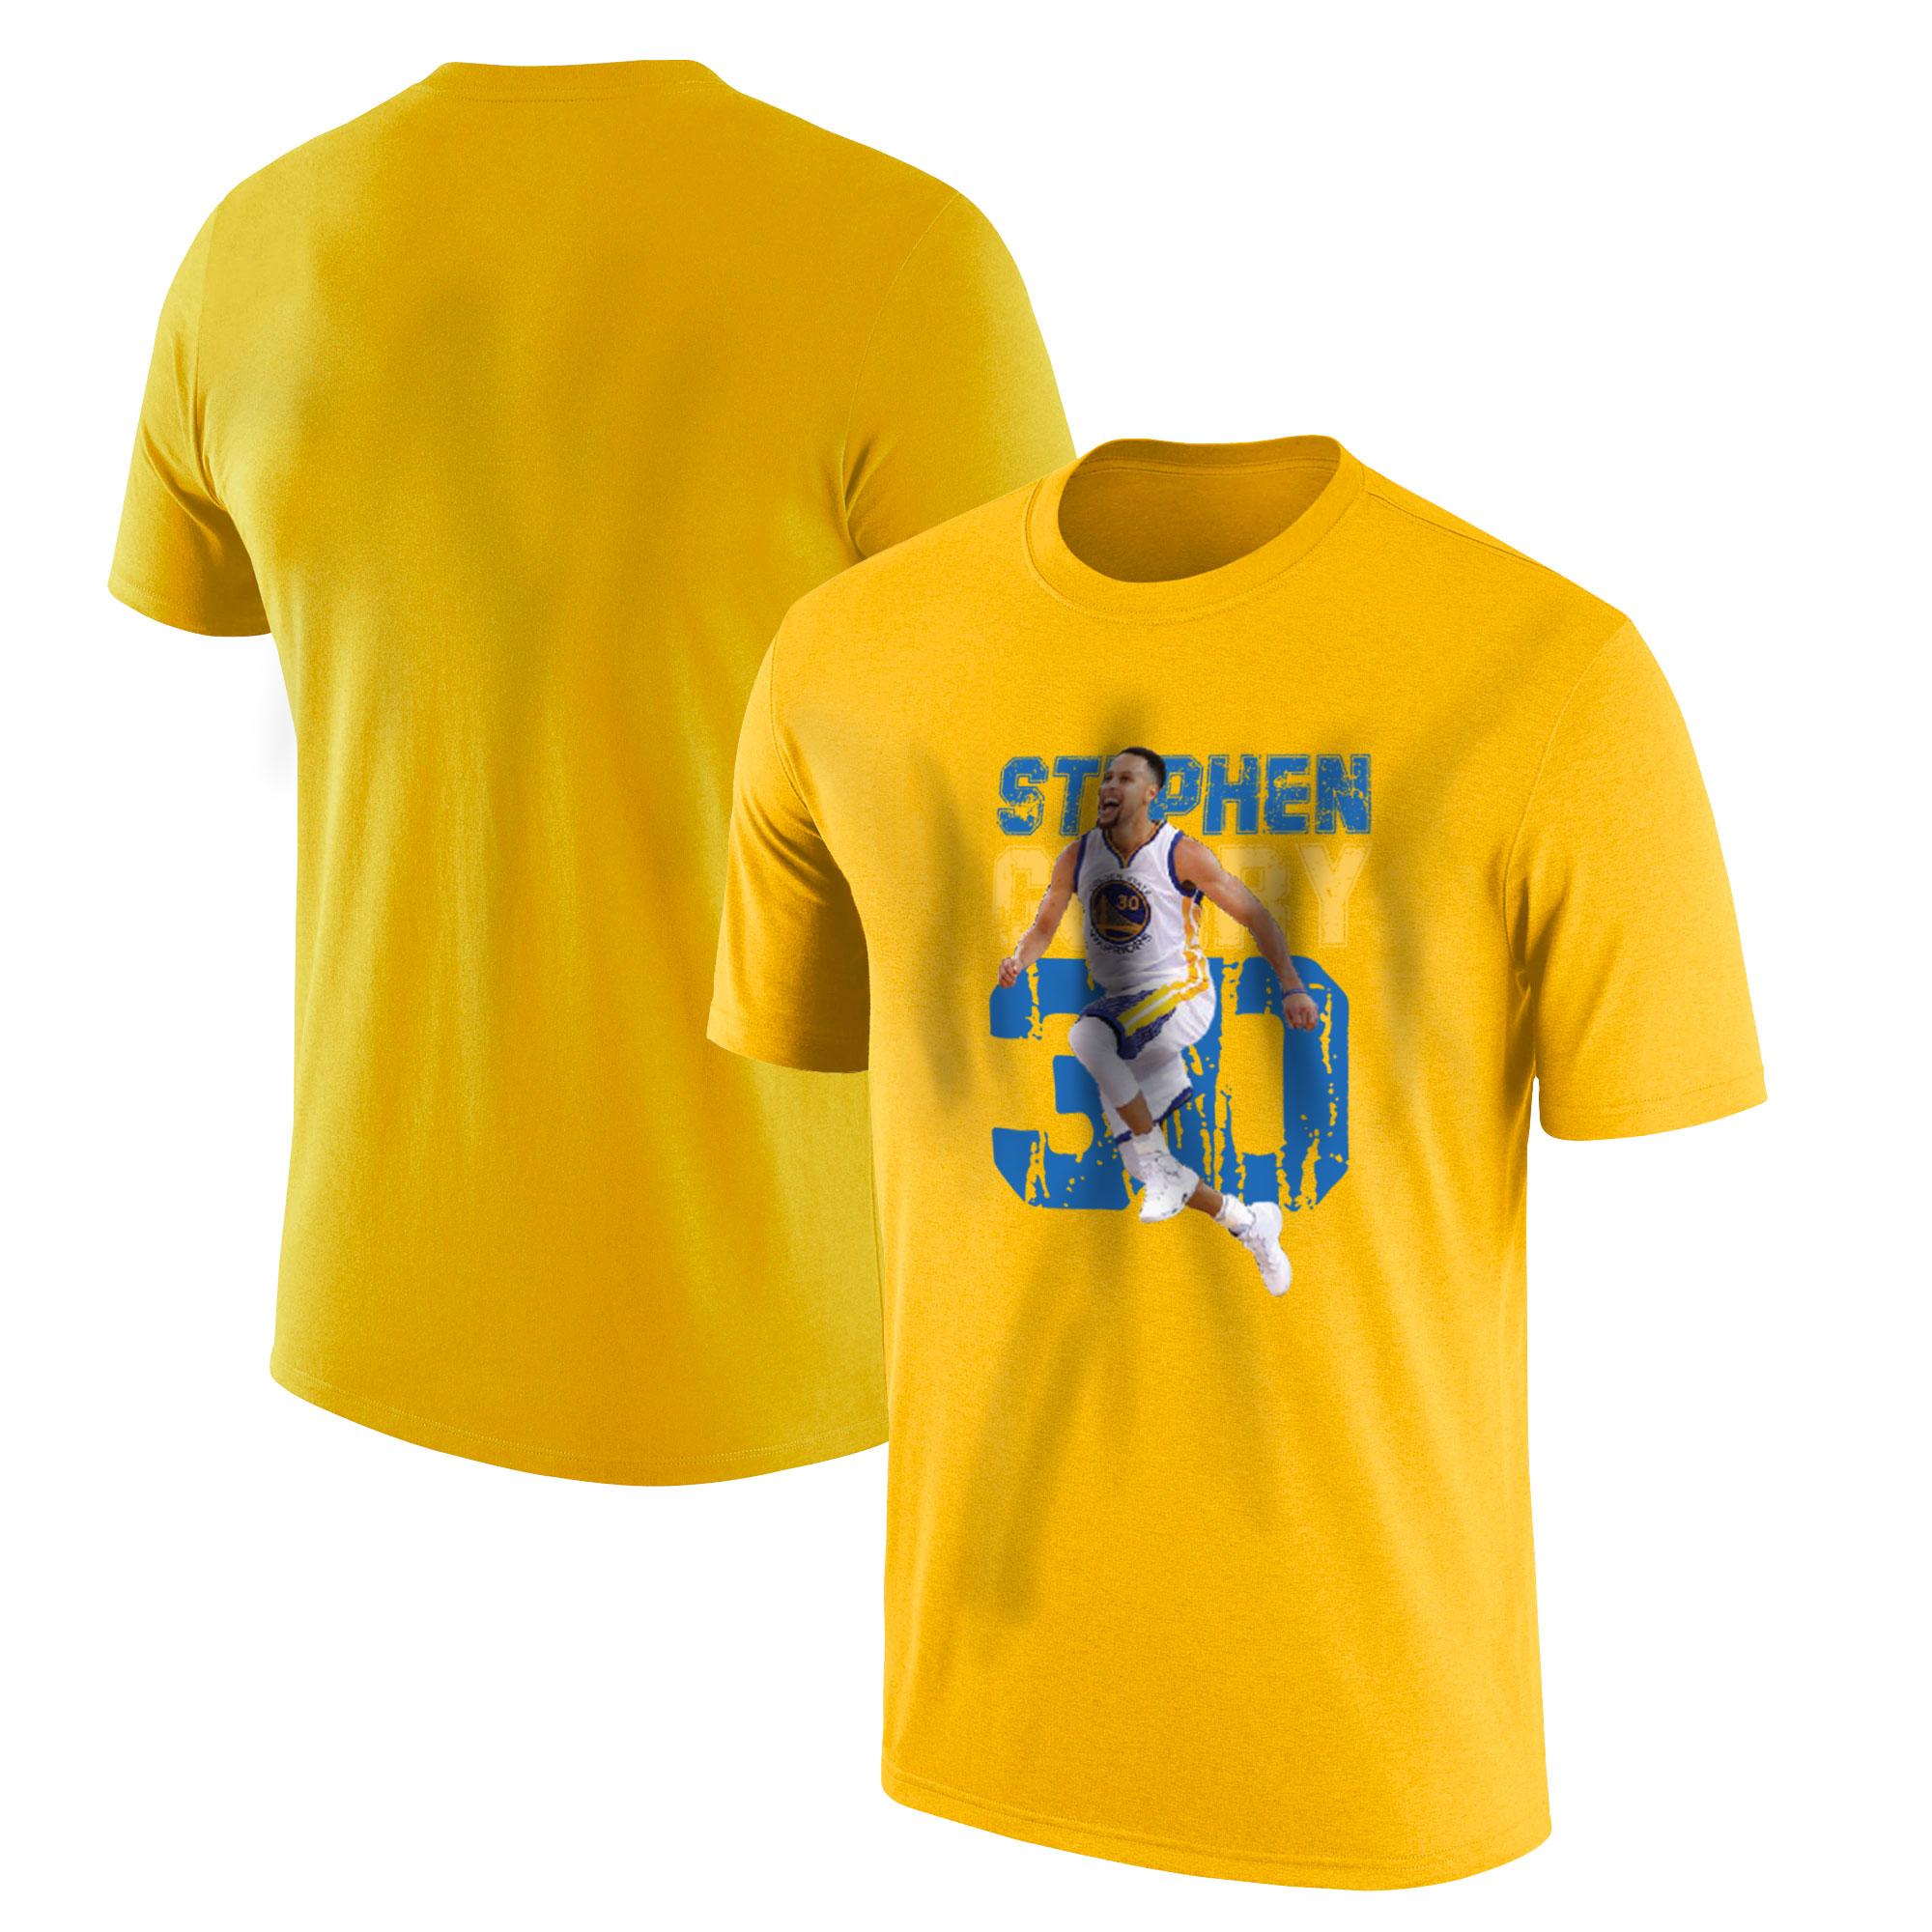 Stephen Curry Tshirt (TSH-YLW-478-PLYR-GSW-CURRY)